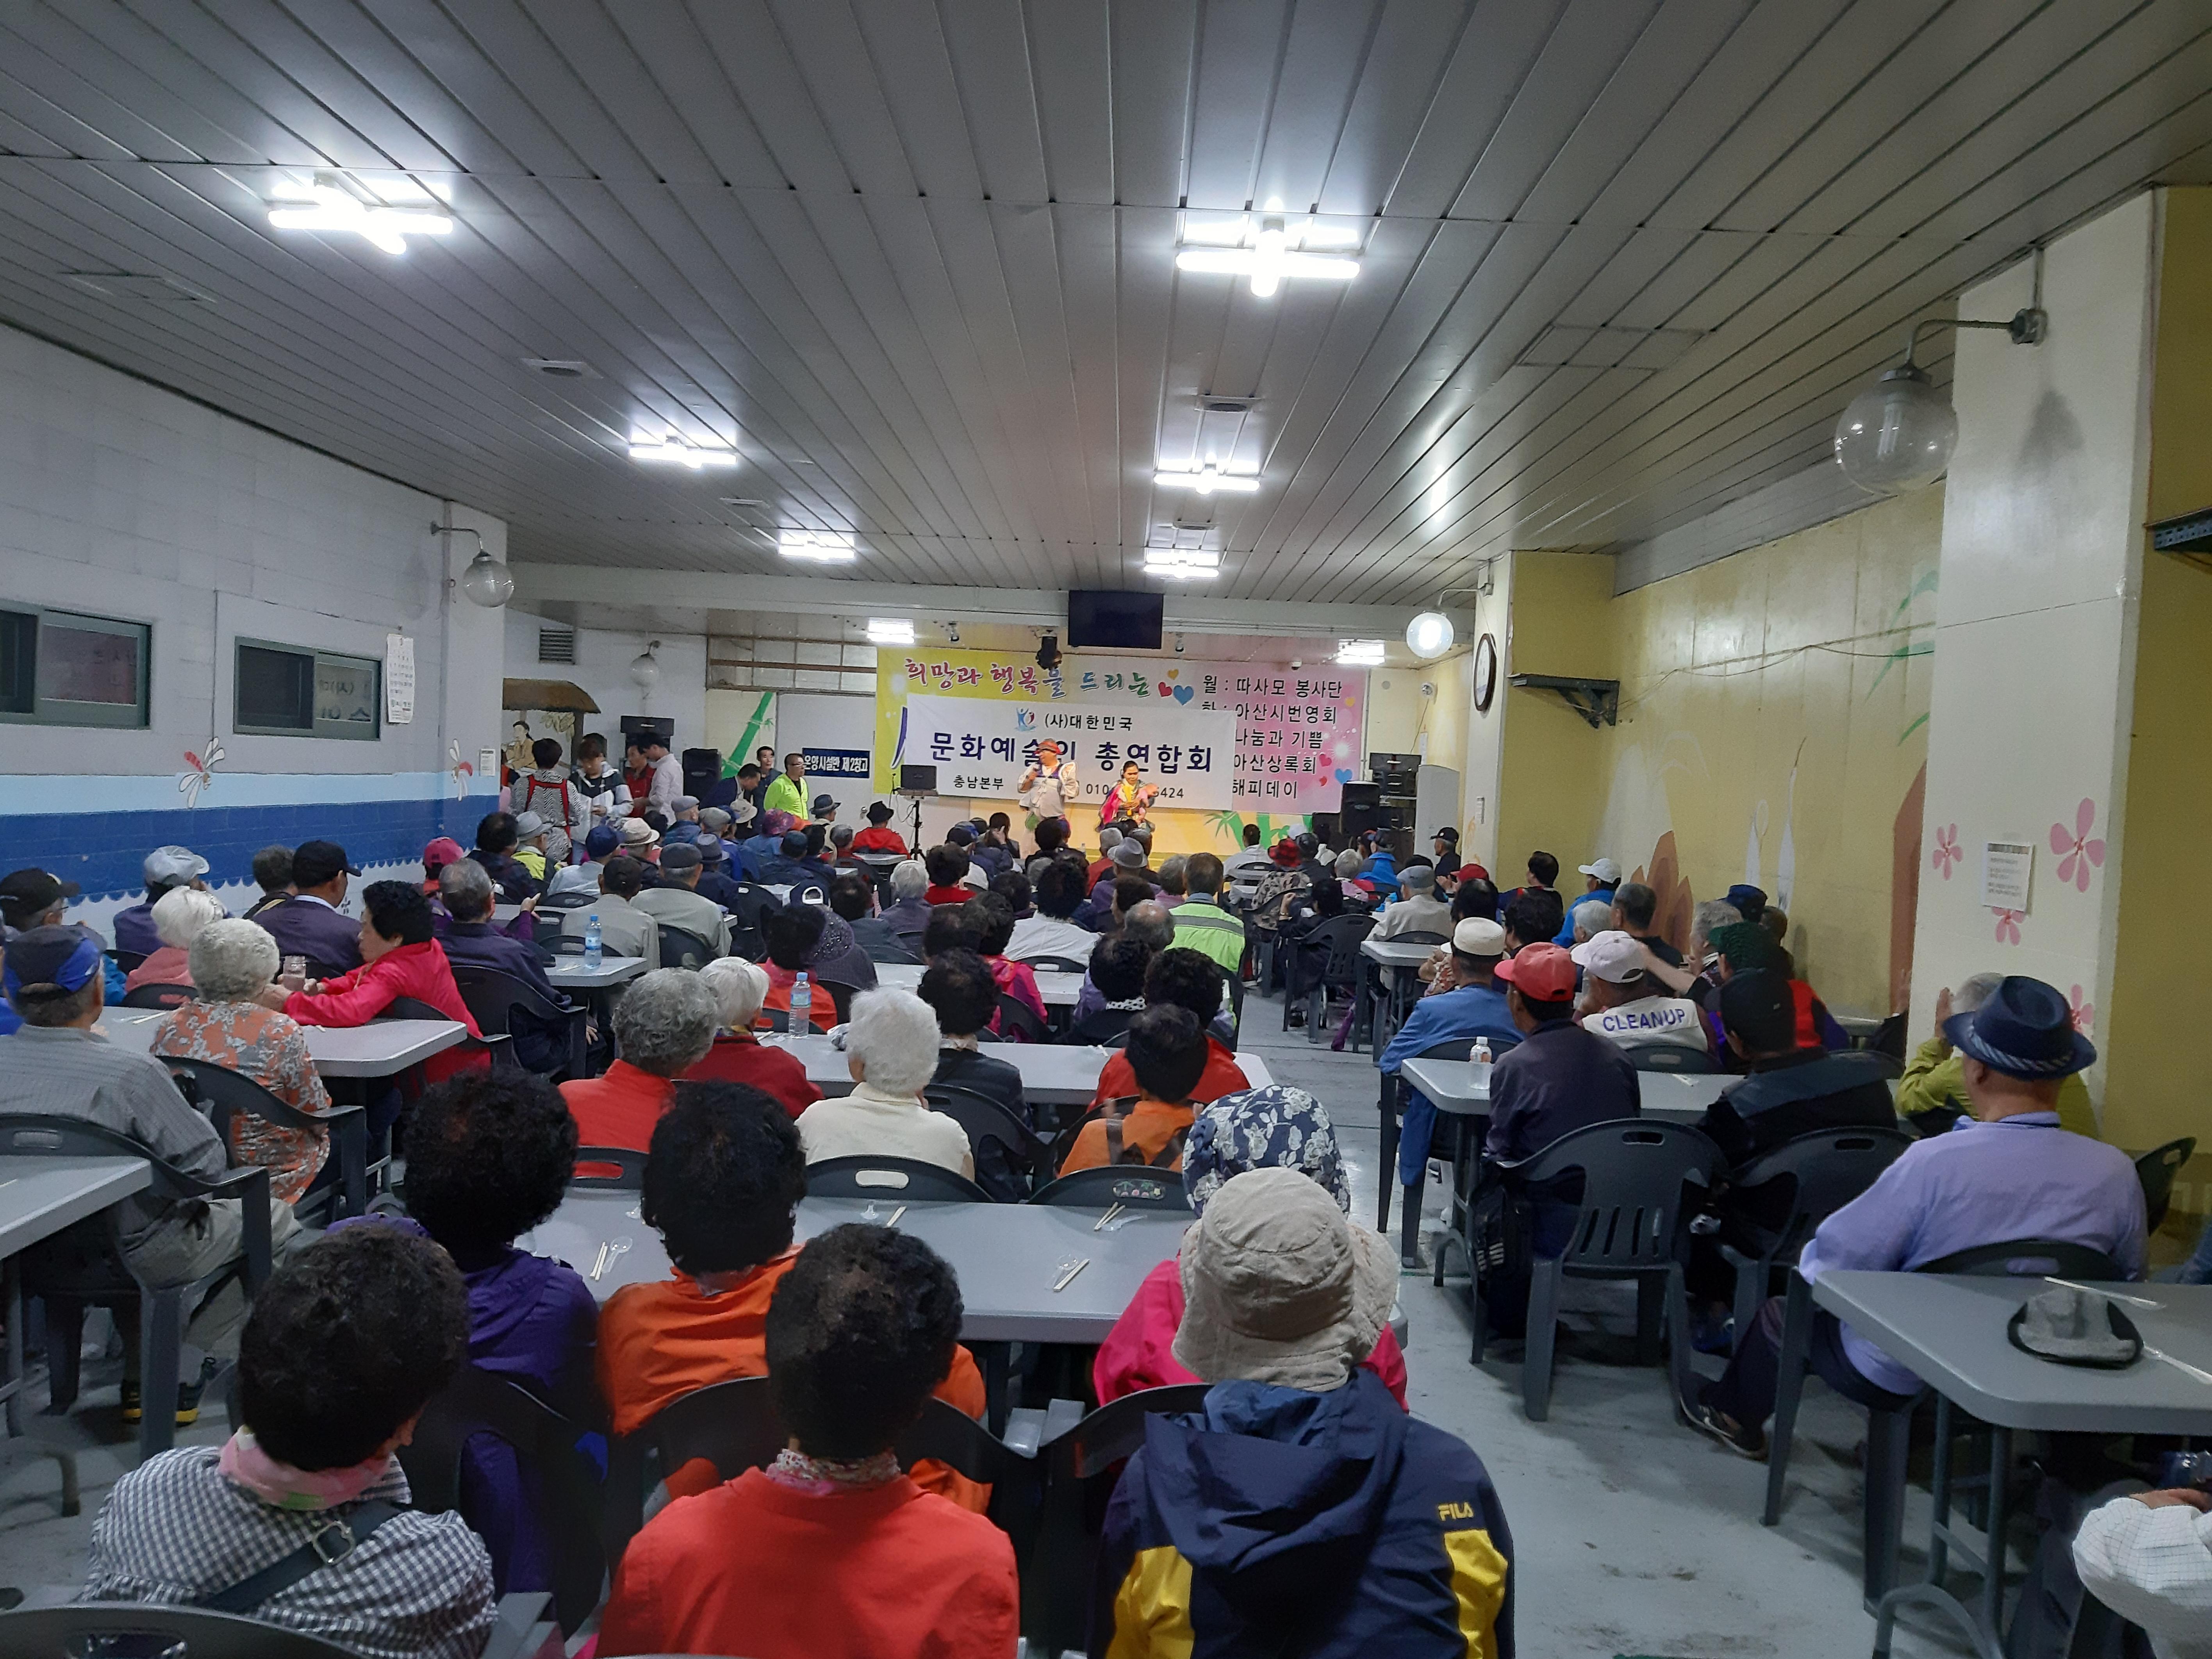 충남 아산 방문 사진자료3.jpg